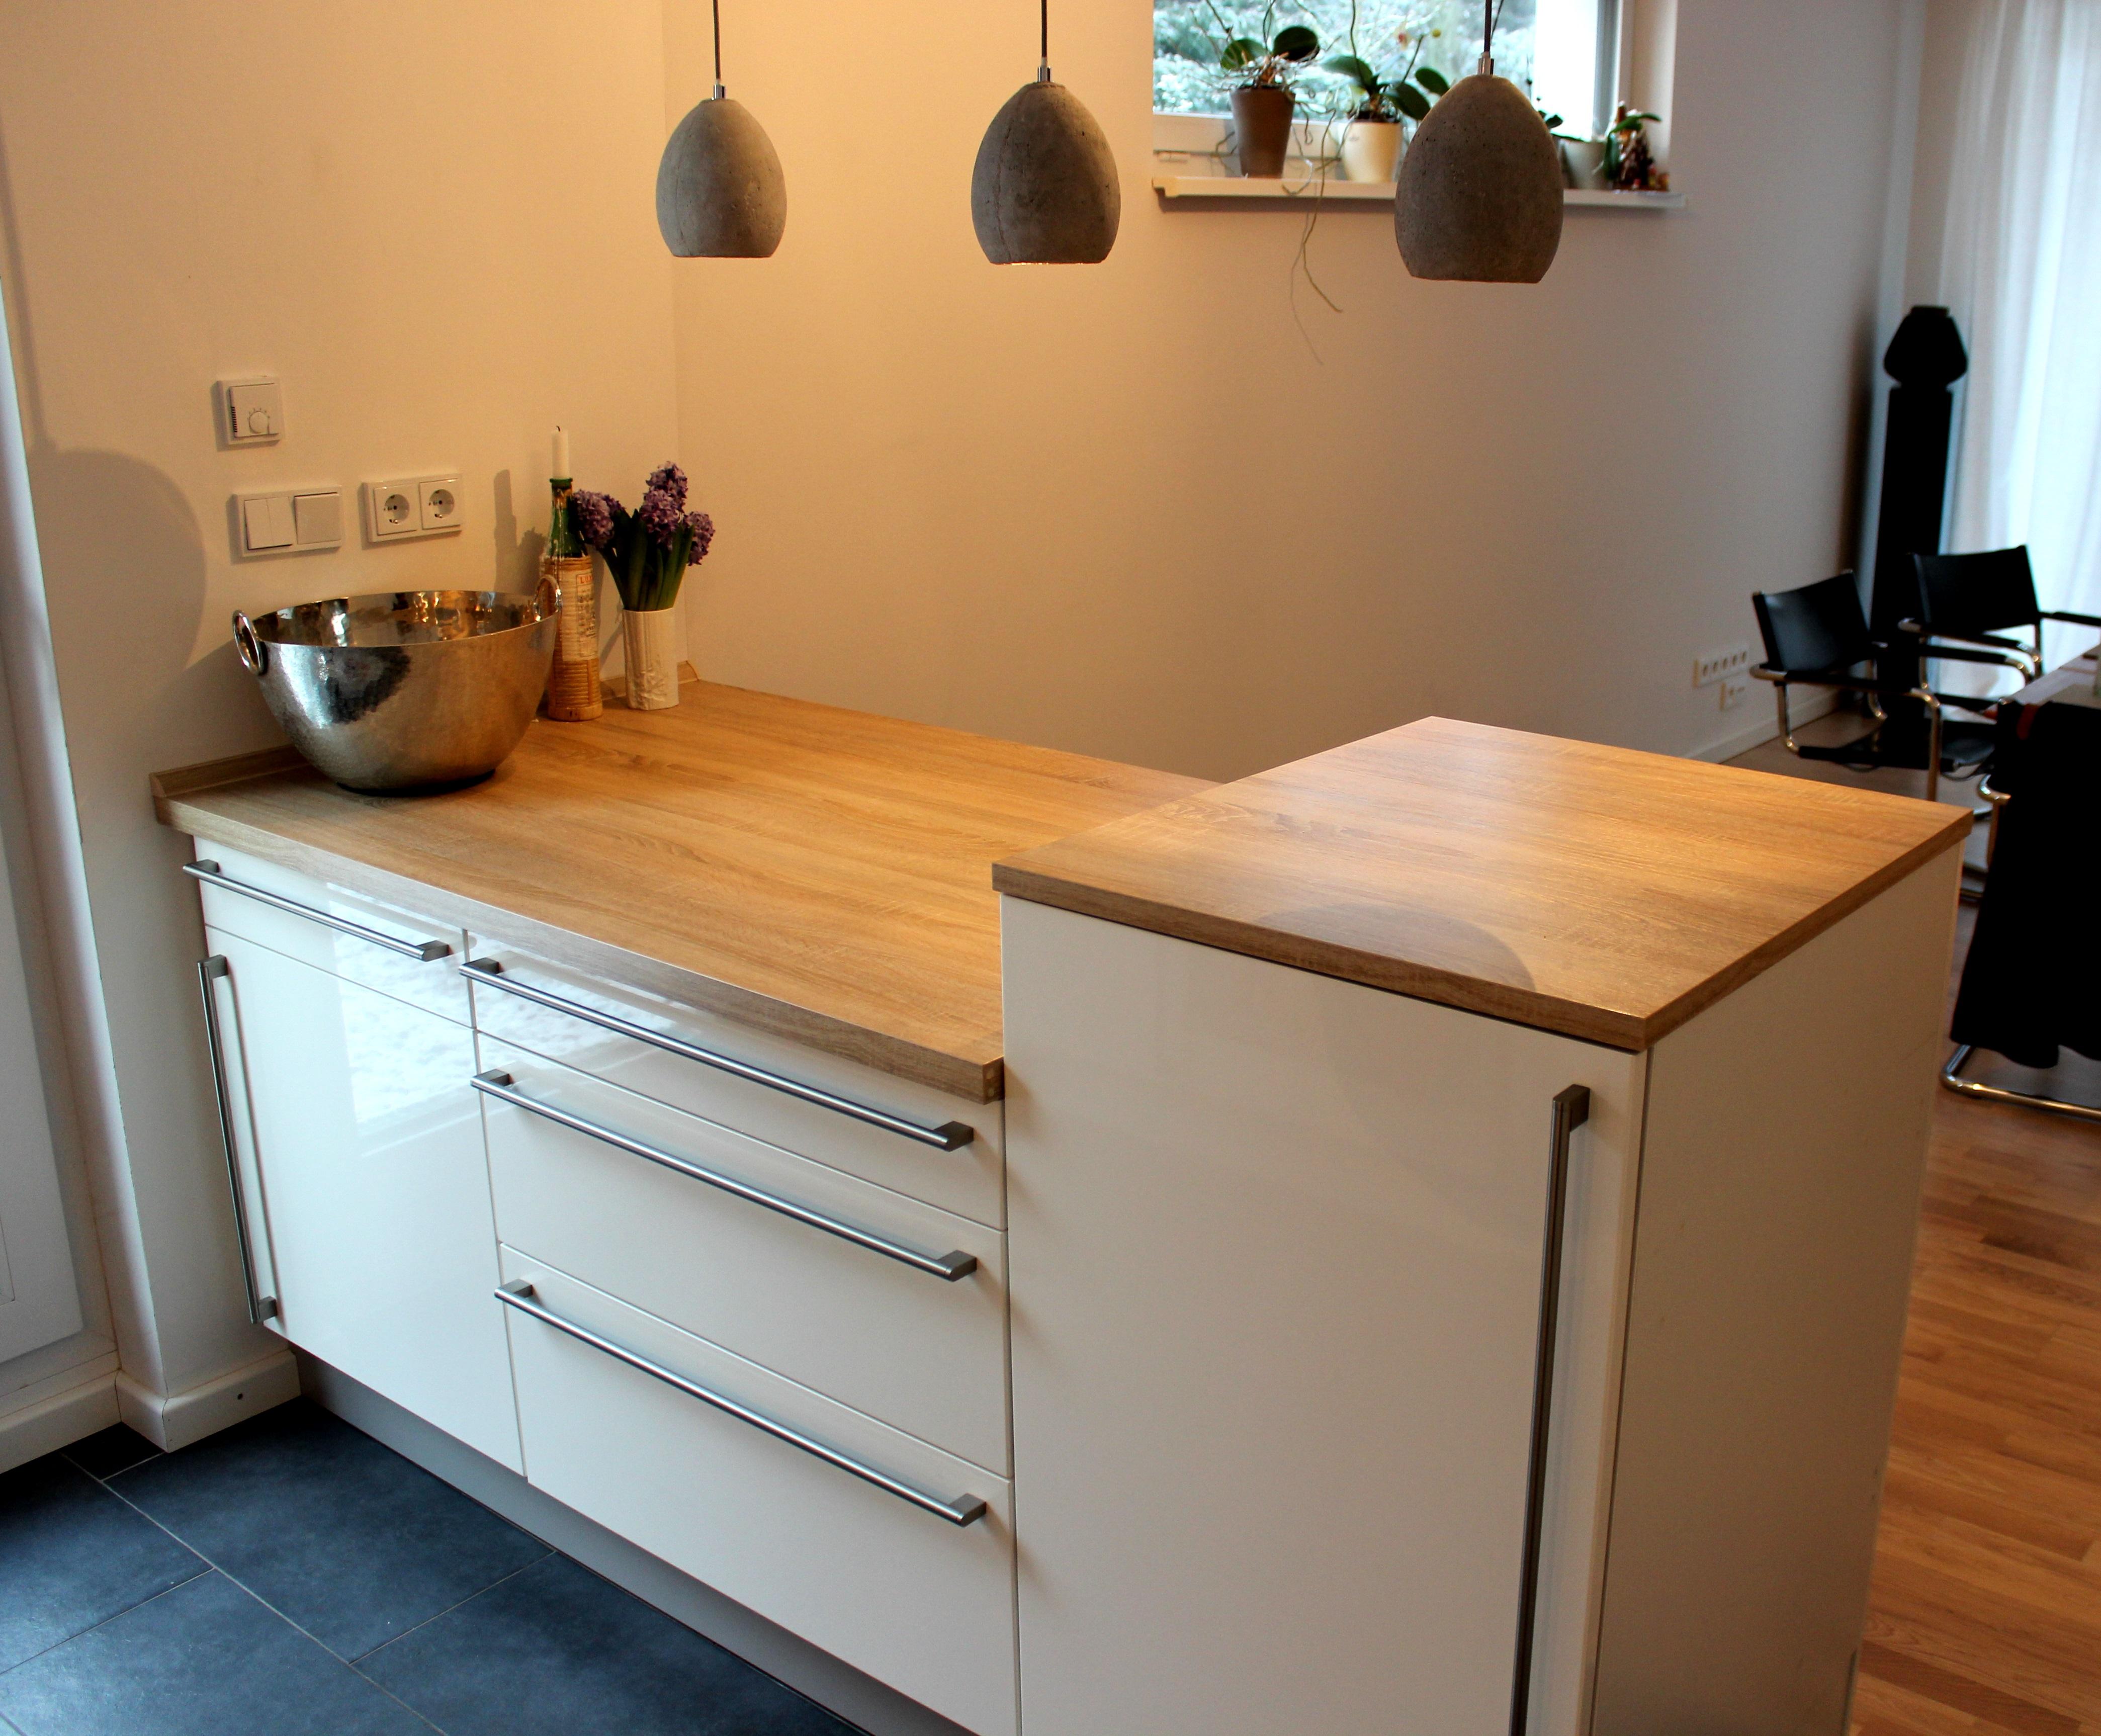 Mehr Arbeitsfläche und ein Kühlschrank auf Tresenhöhe trennen Koch- und Essbereich